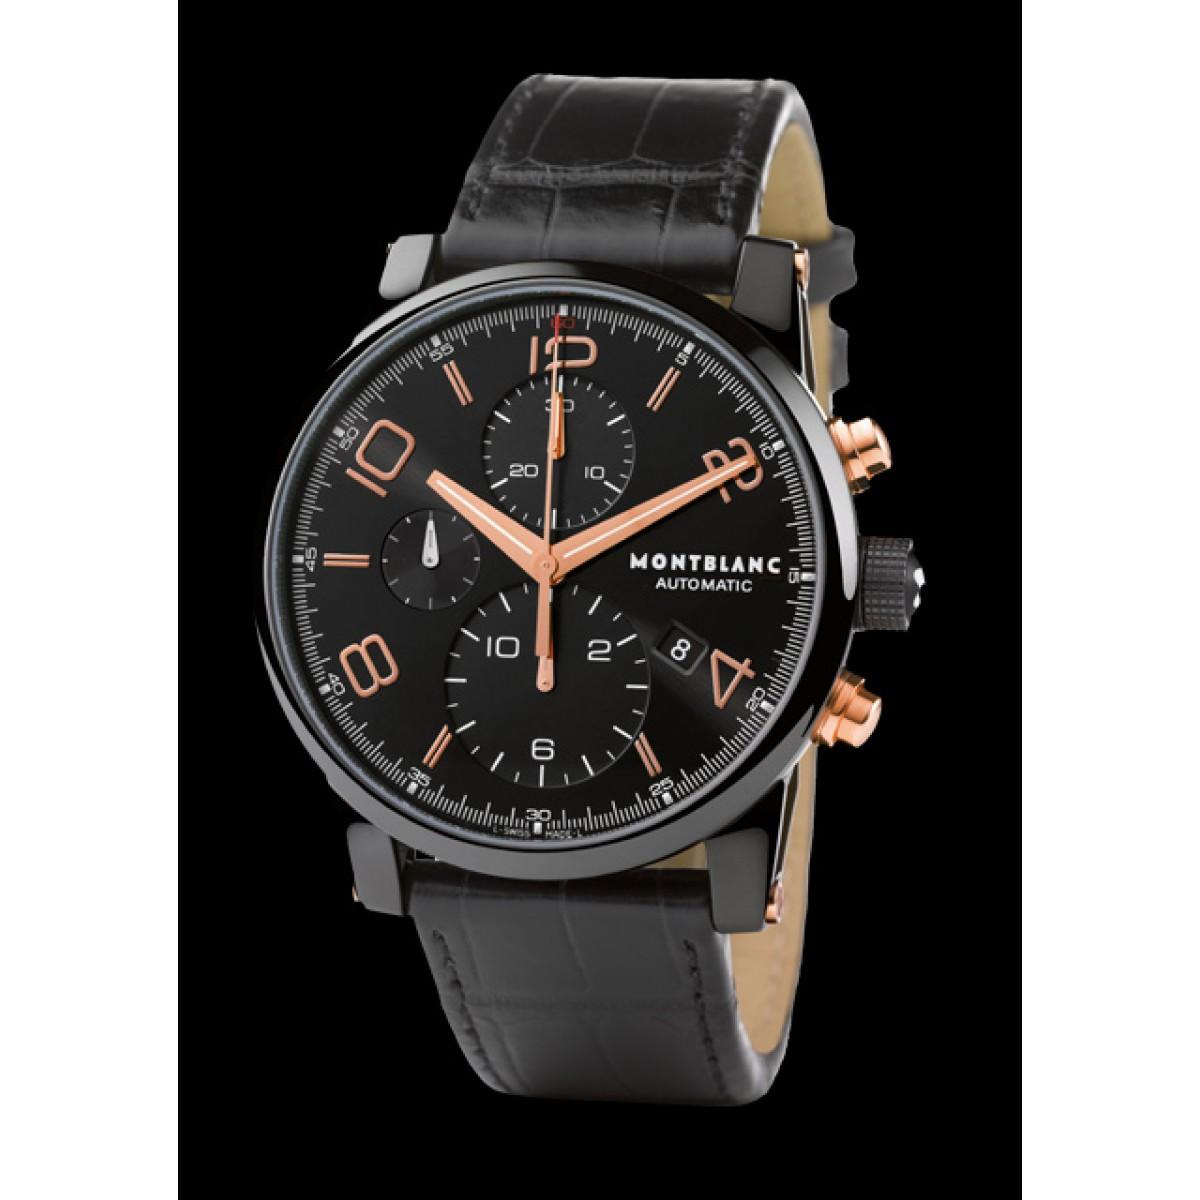 7dd87fcfffa Relógio Réplica Montblanc GMT New